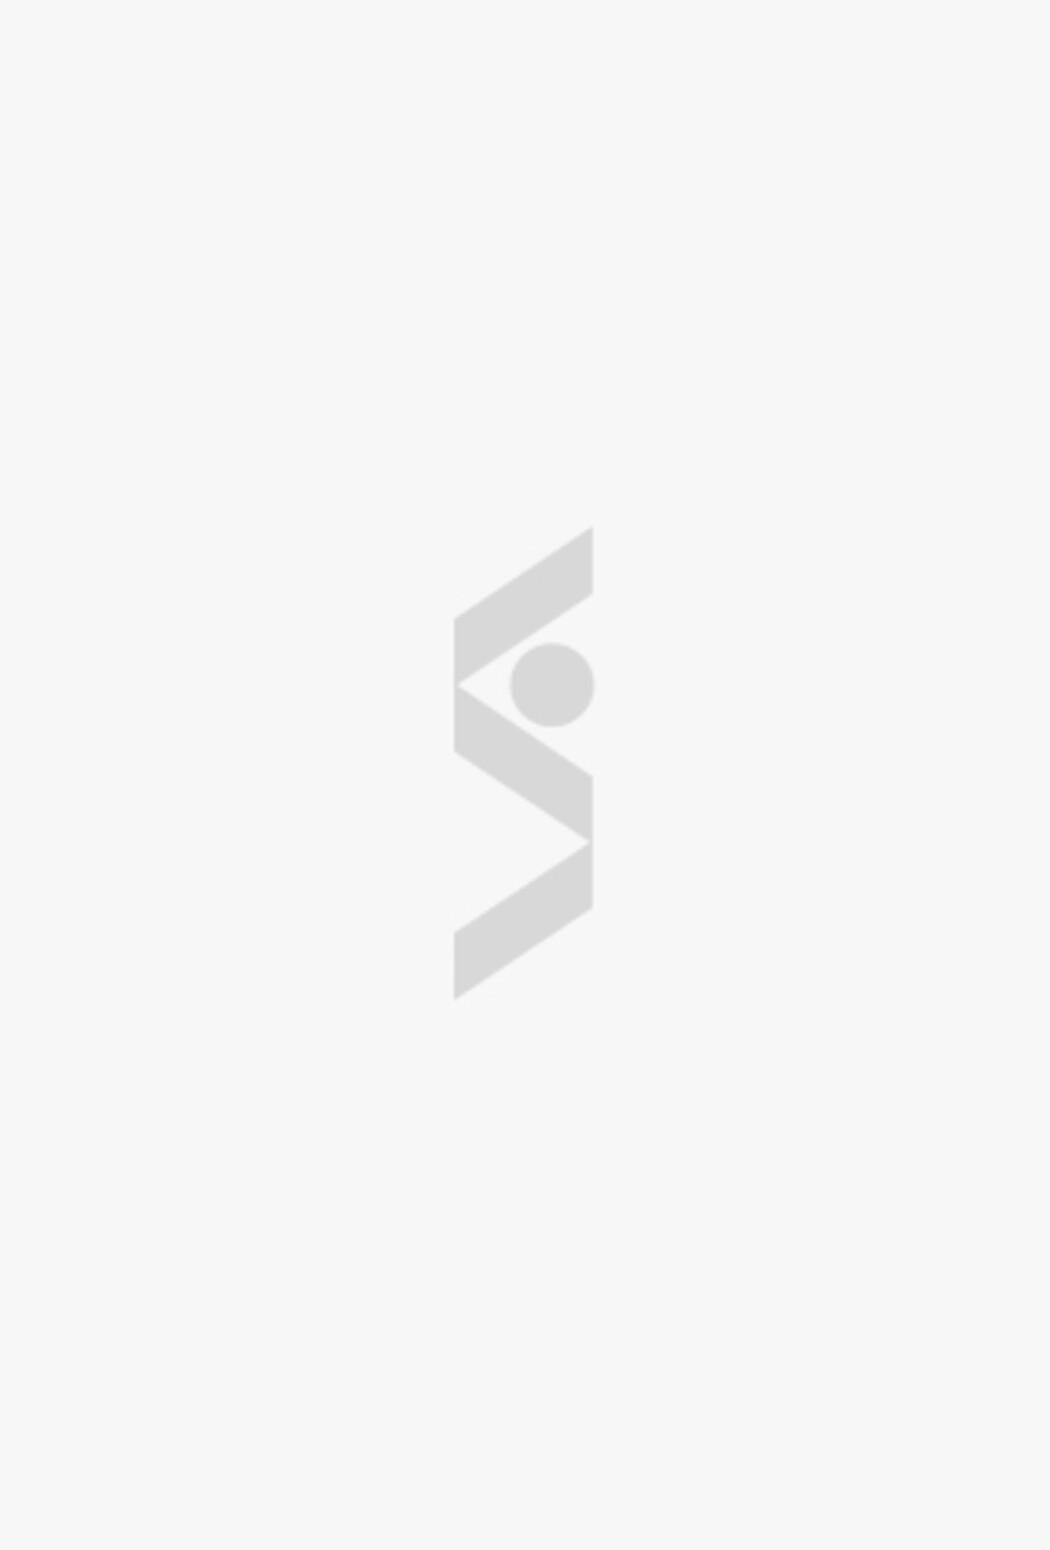 Масло для волос и тела сухое spf30 с экстрактом прозрачно-белой икры 150 мл Miriam Quevedo - цена 2990 ₽ купить в интернет-магазине СТОКМАНН в Москве